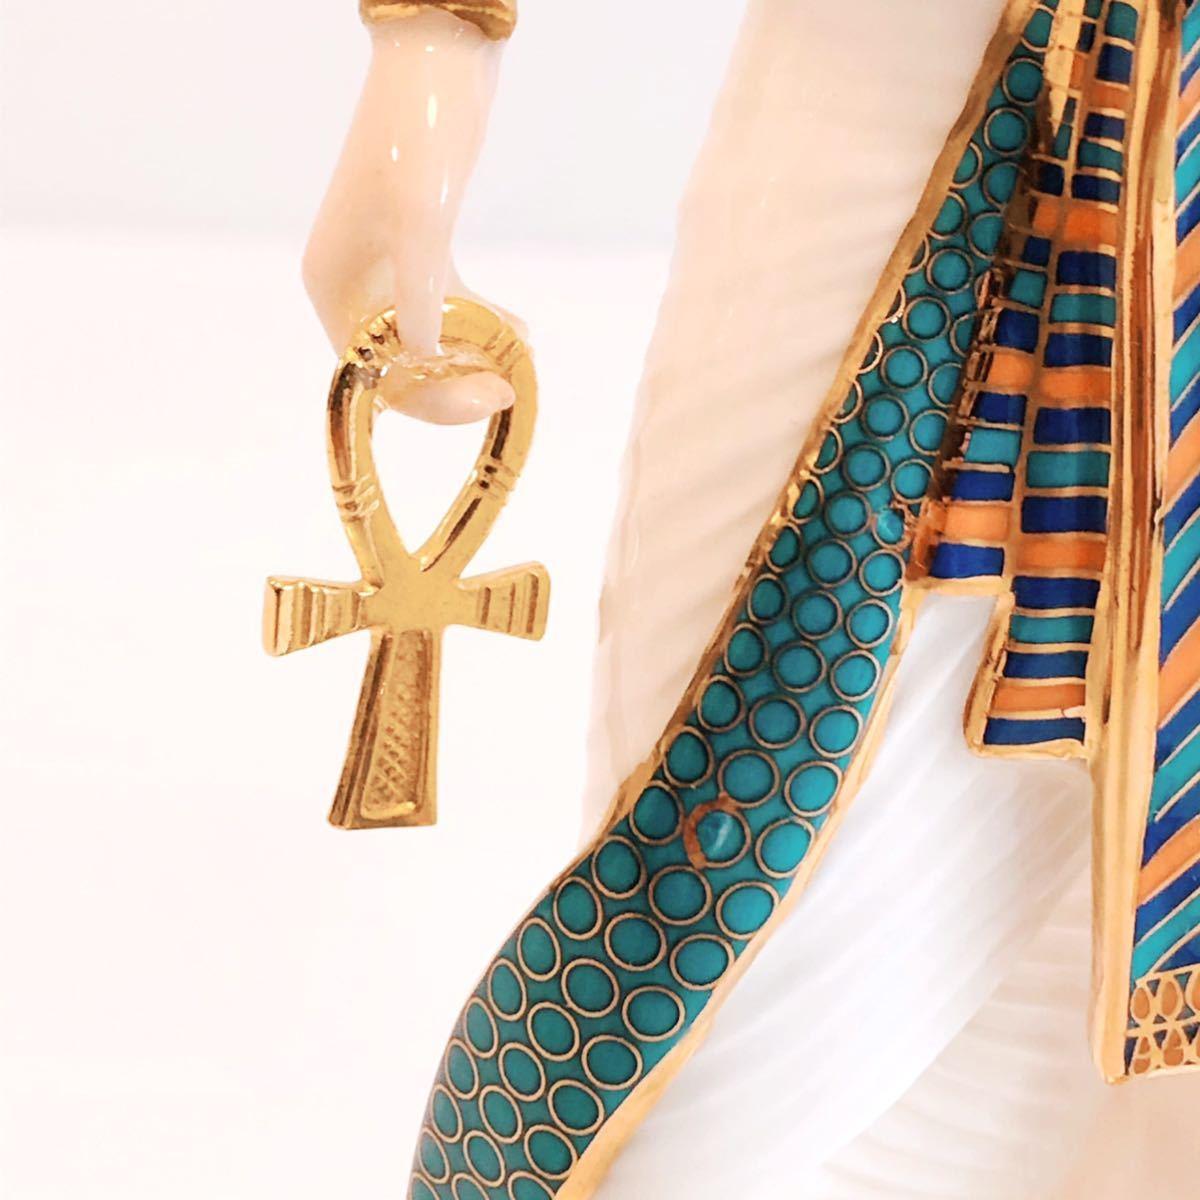 【貴重】WEDGWOOD/ツタンカーメン/The Boy King/Tutankhamun/ウェッジウッド/激レア/英国製/イギリス/置物 /限定品/陶器人形/フィギュア_画像8